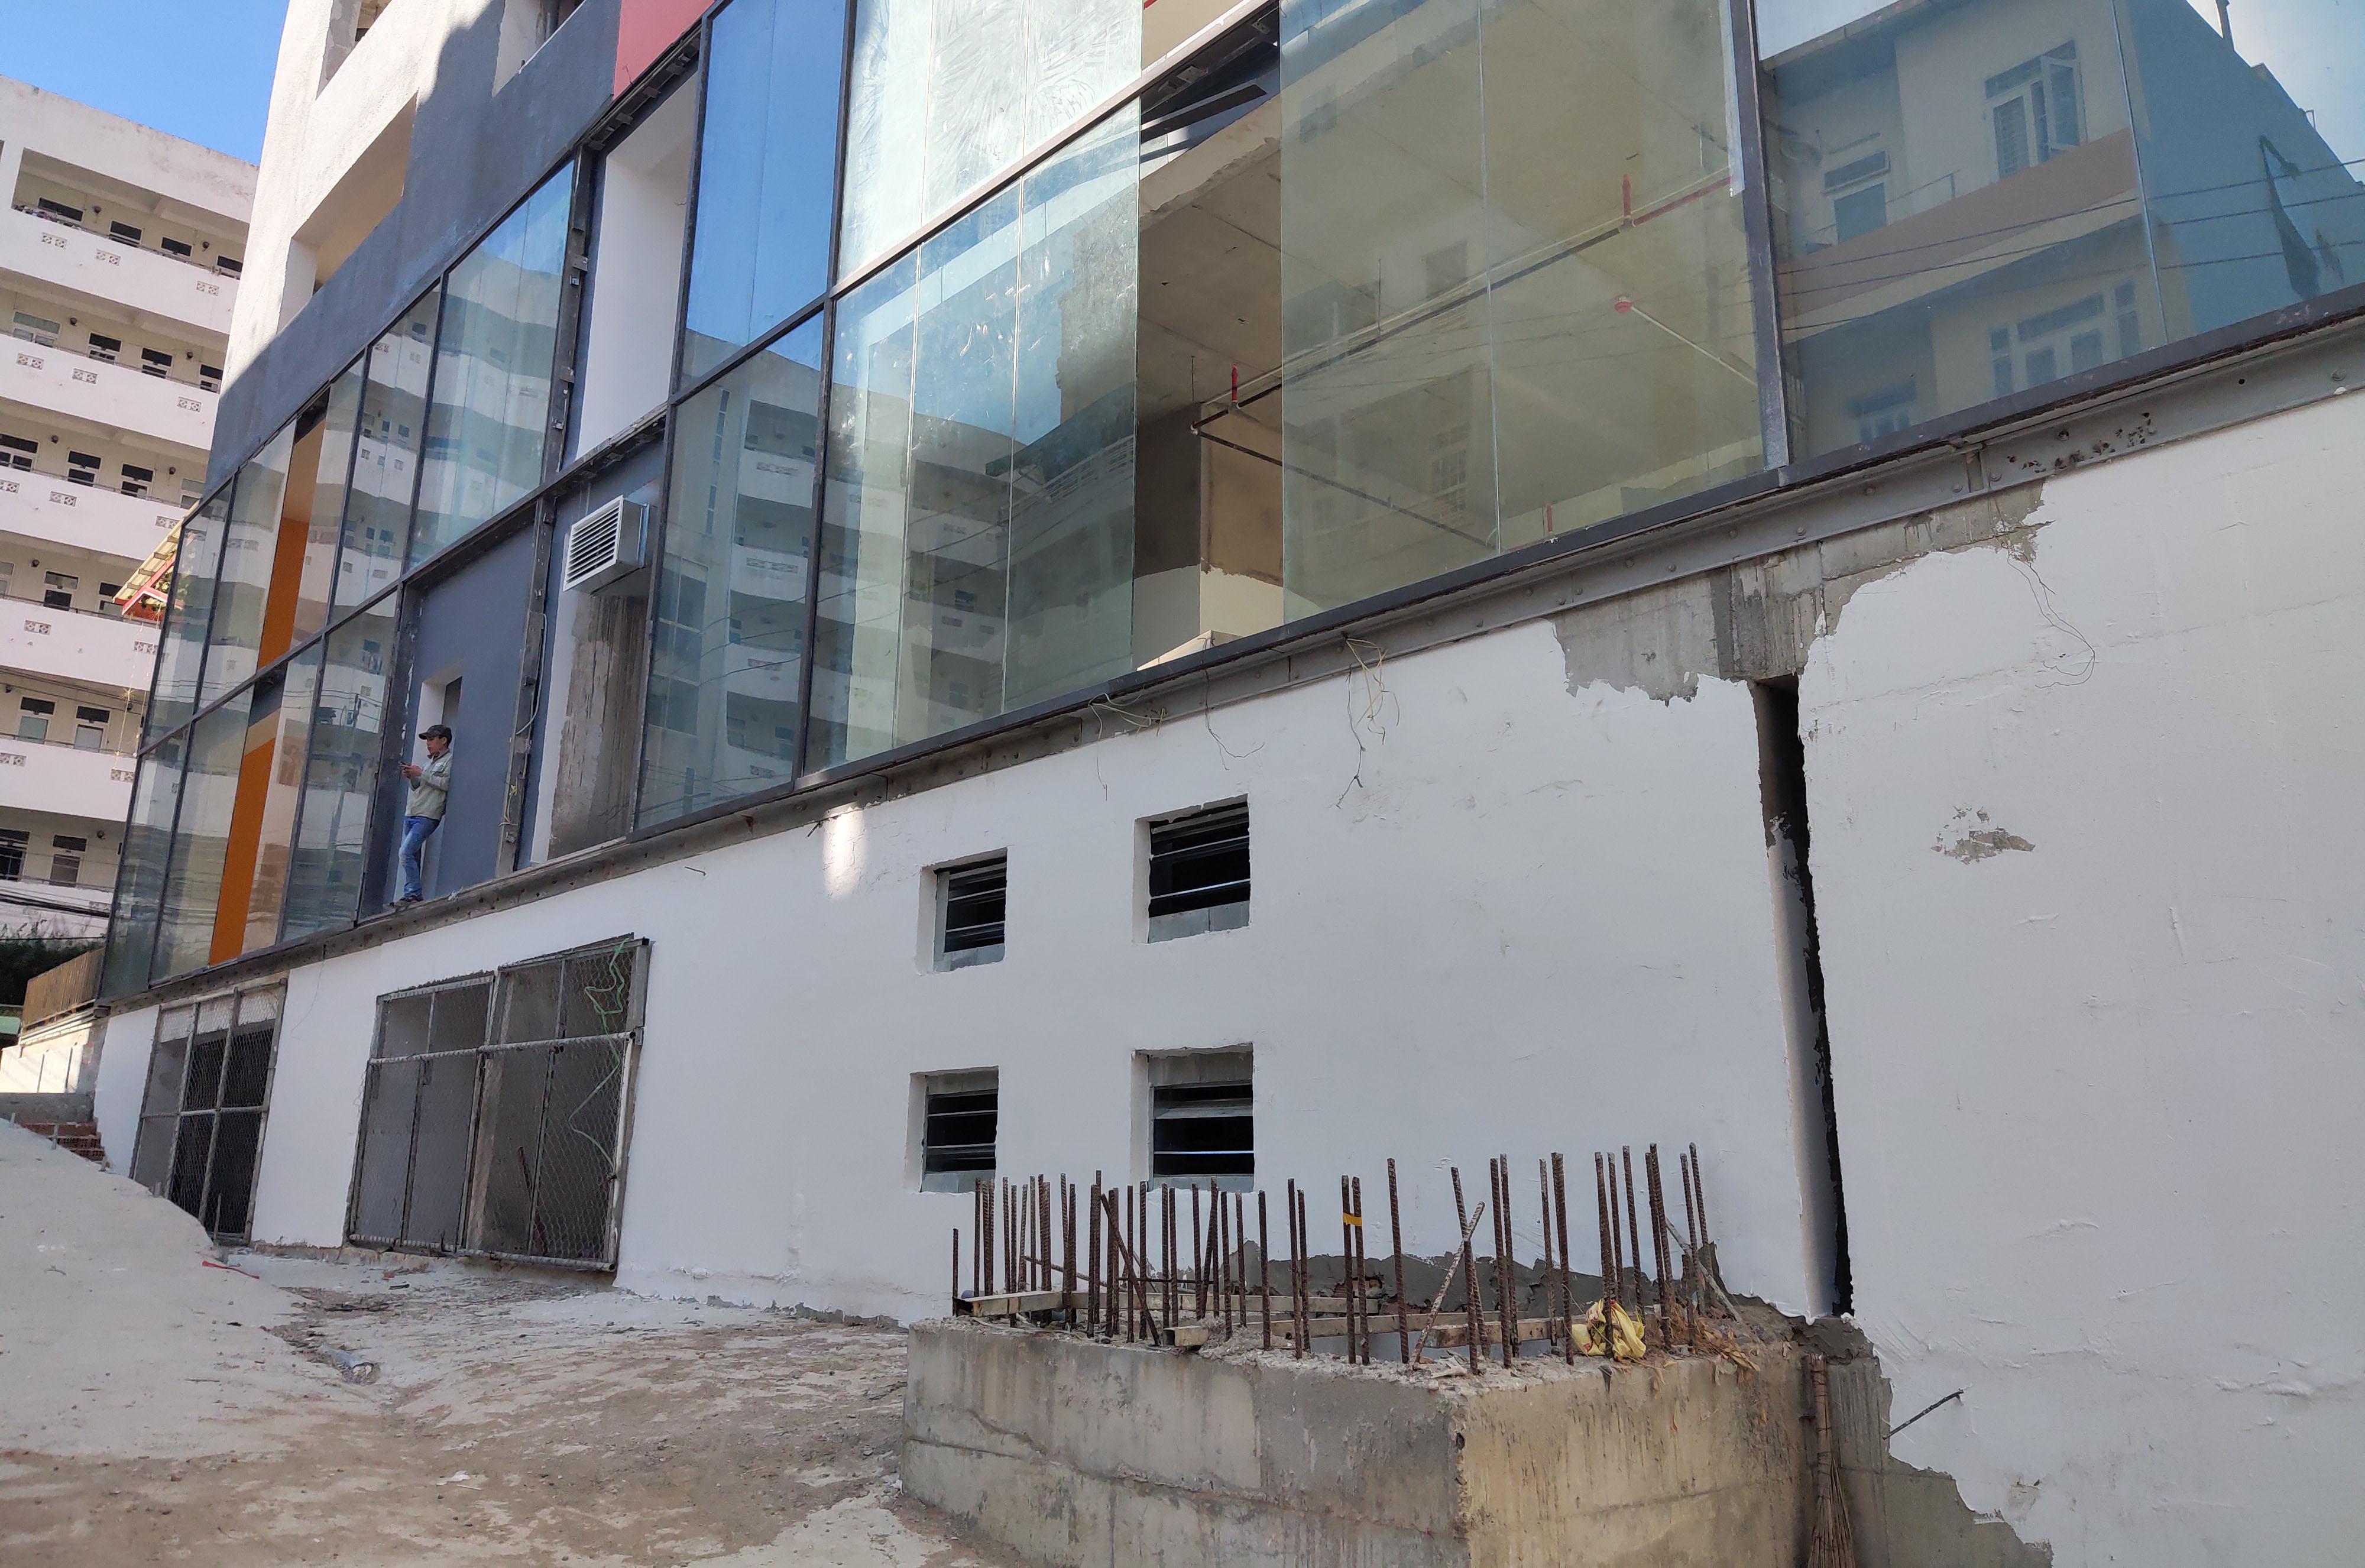 Khánh Hòa: Khu đất công thành chung cư 40 tầng  - Ảnh 7.